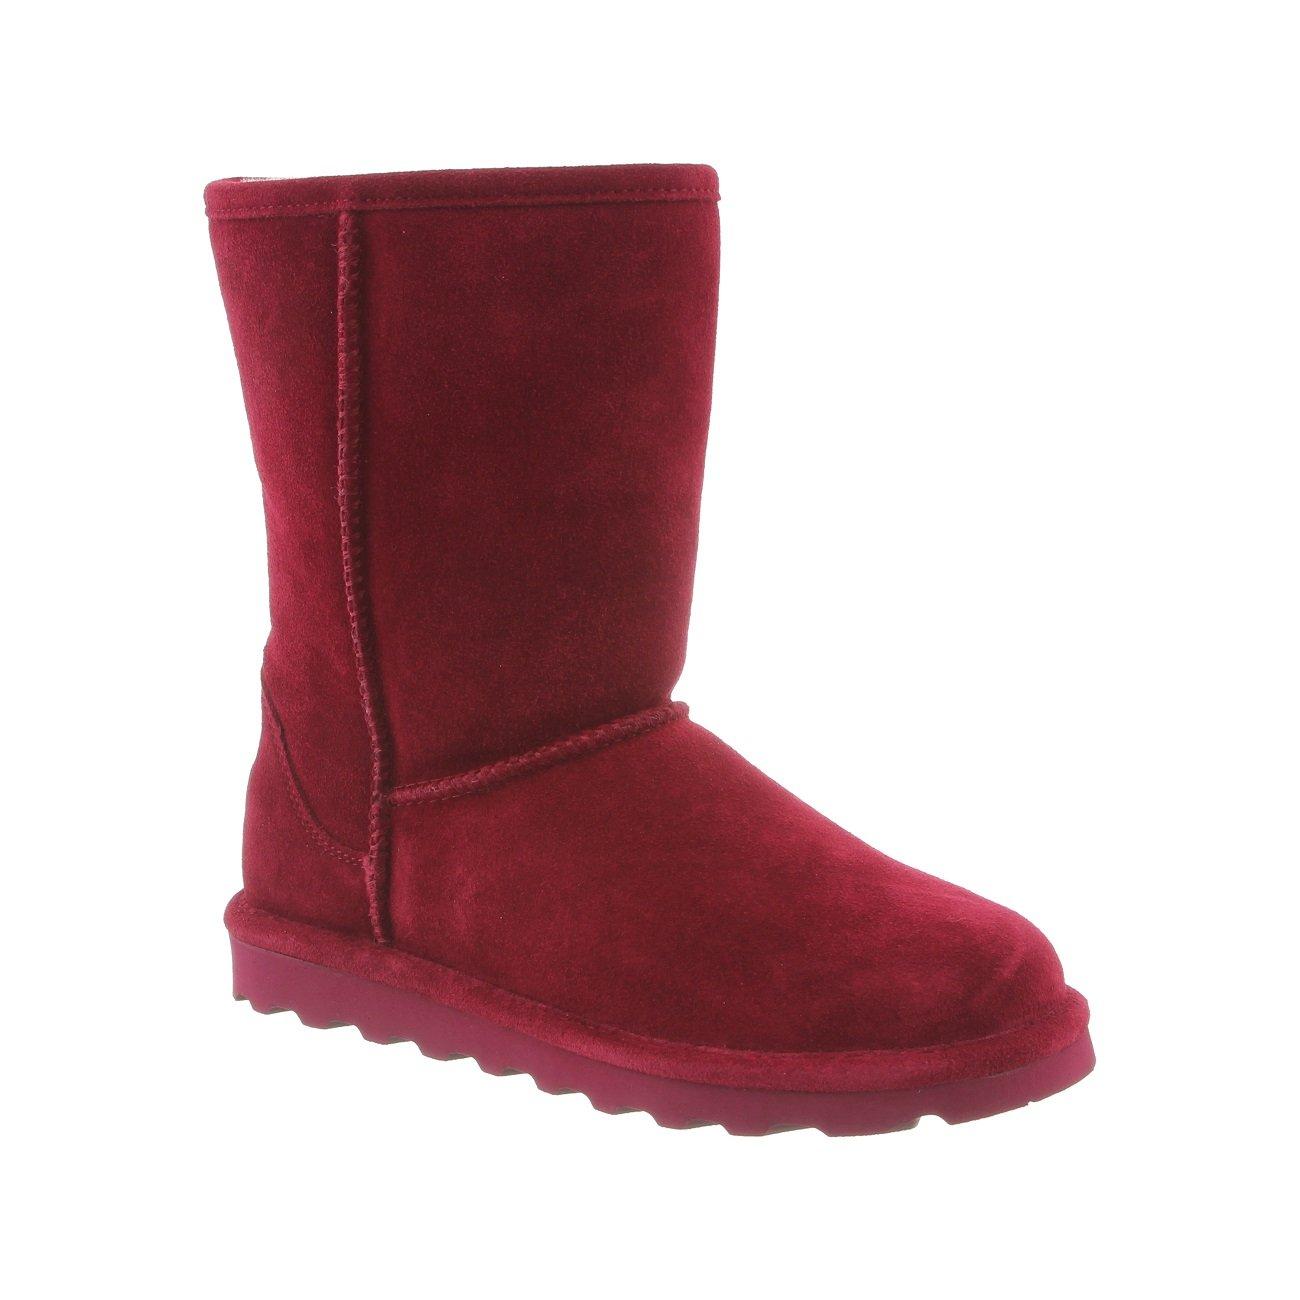 BEARPAW Women's Elle Short Winter Boot B06XRRLGBX 9 B(M) US|Bordeaux